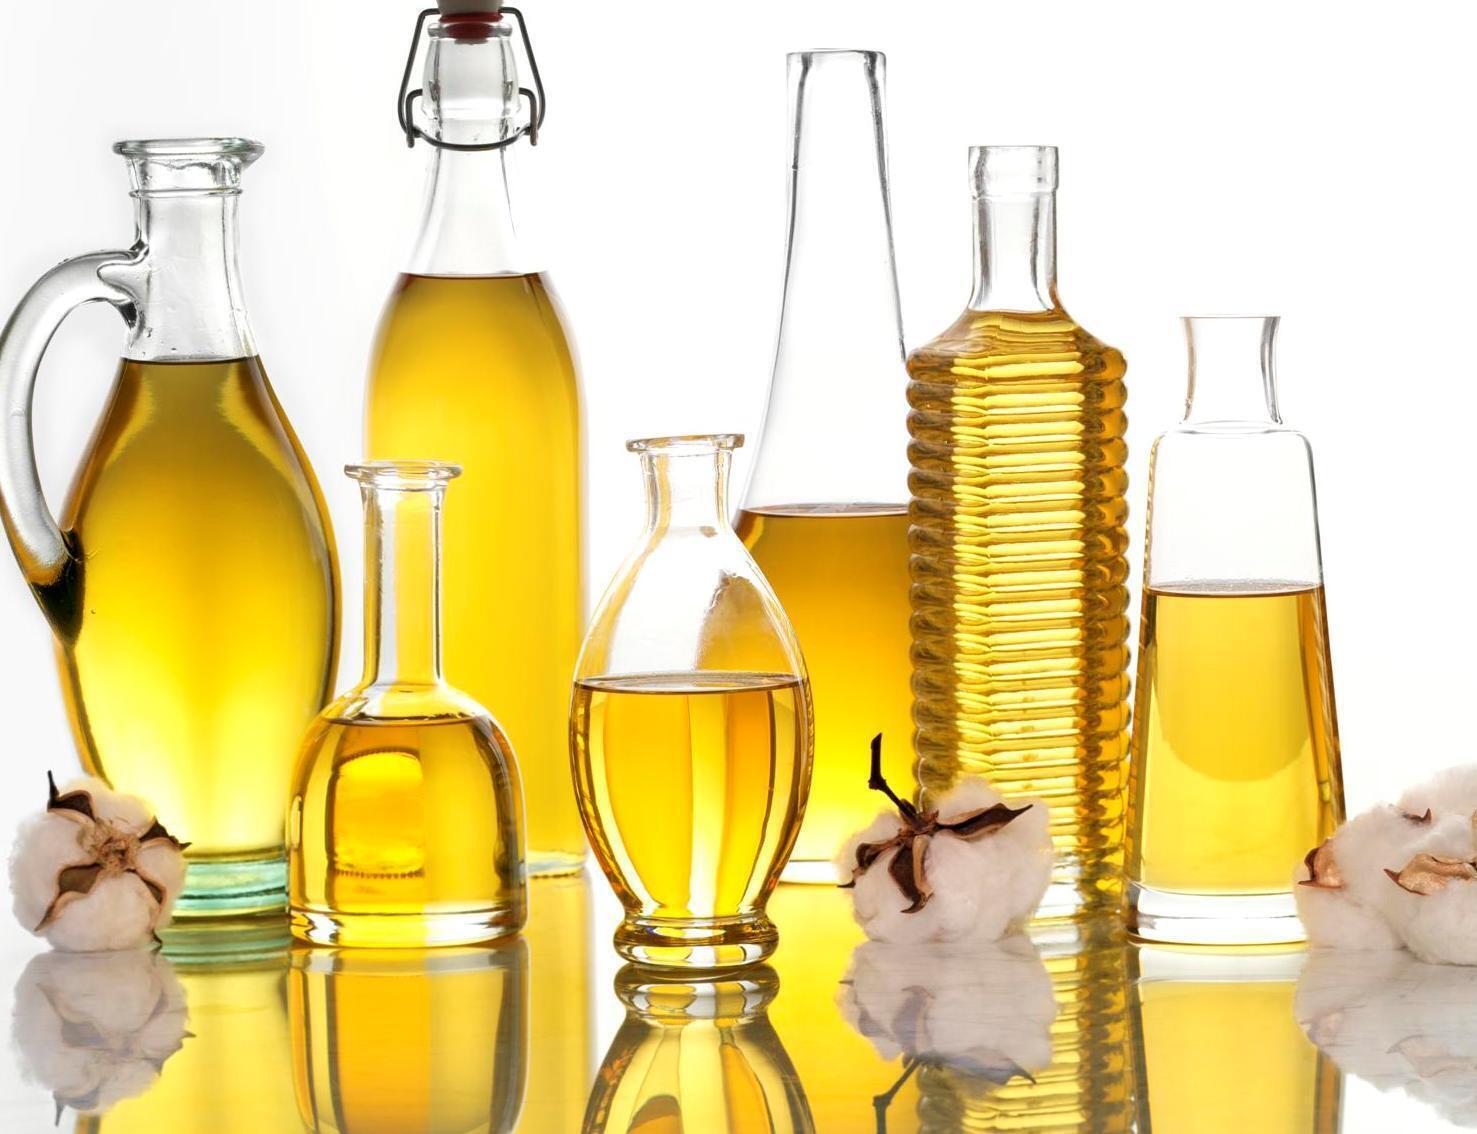 Украина заняла первую позицию в рейтинге крупнейших мировых экспортеров подсолнечного масла